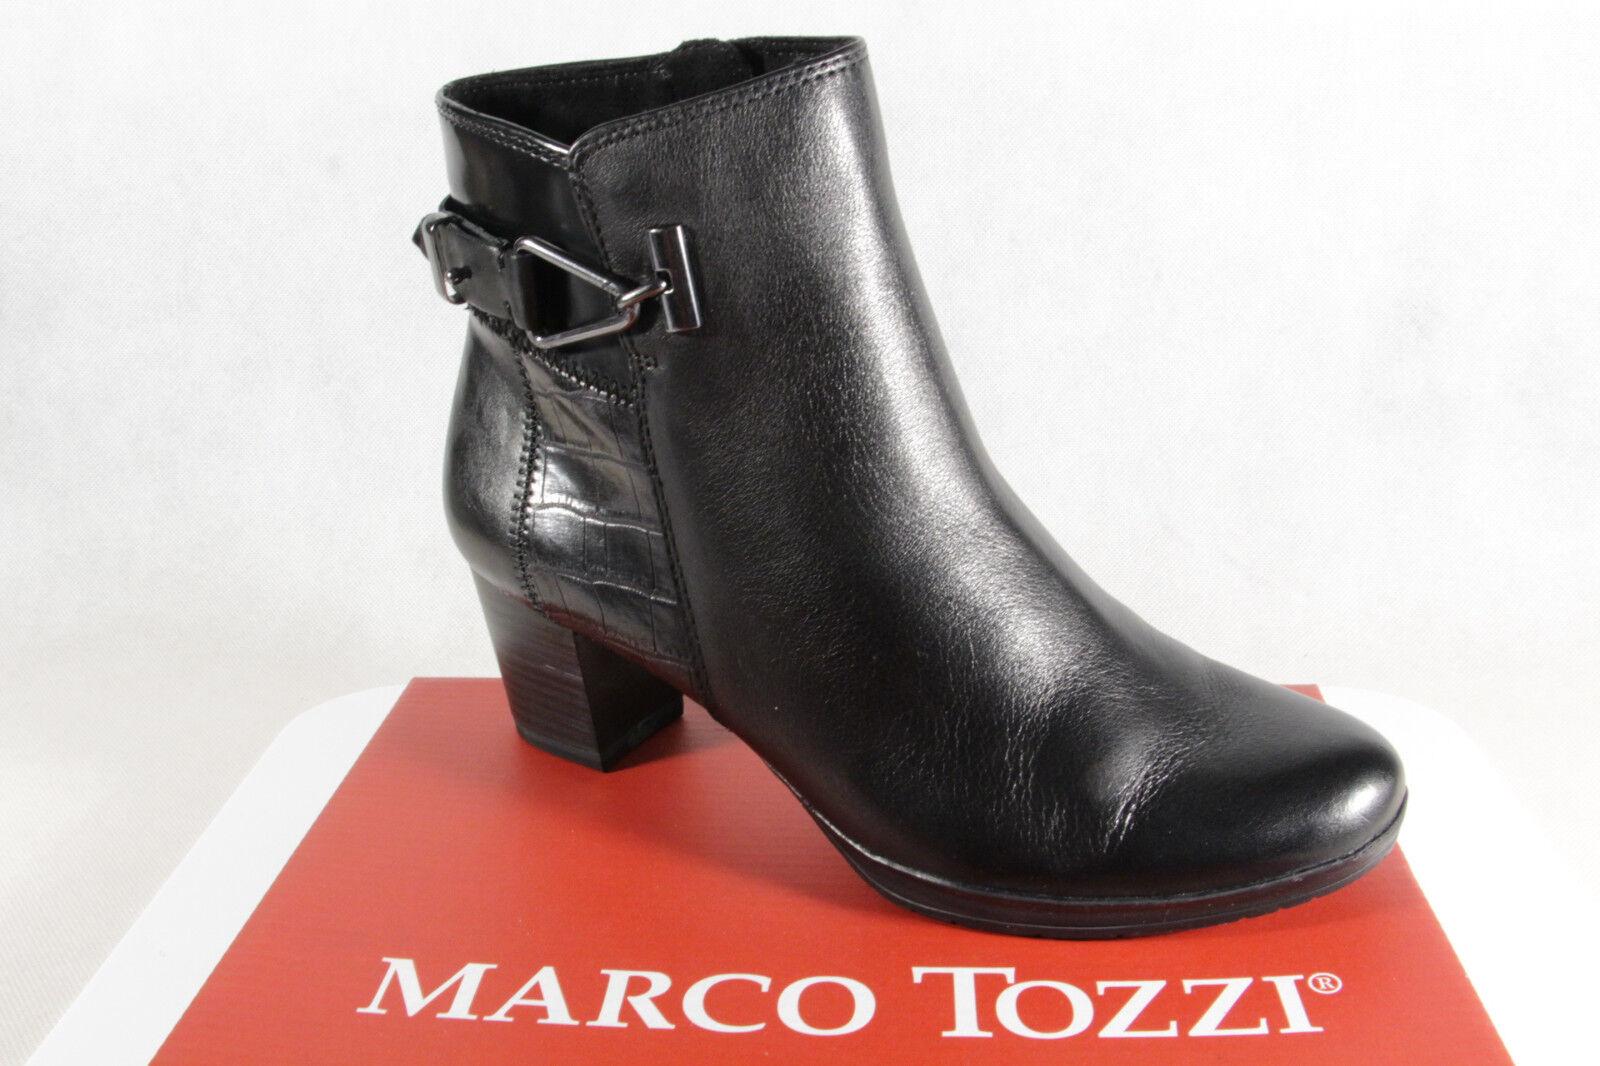 Marco Tozzi Stiefelette Stiefel, schwarz, Leder 25385  NEU